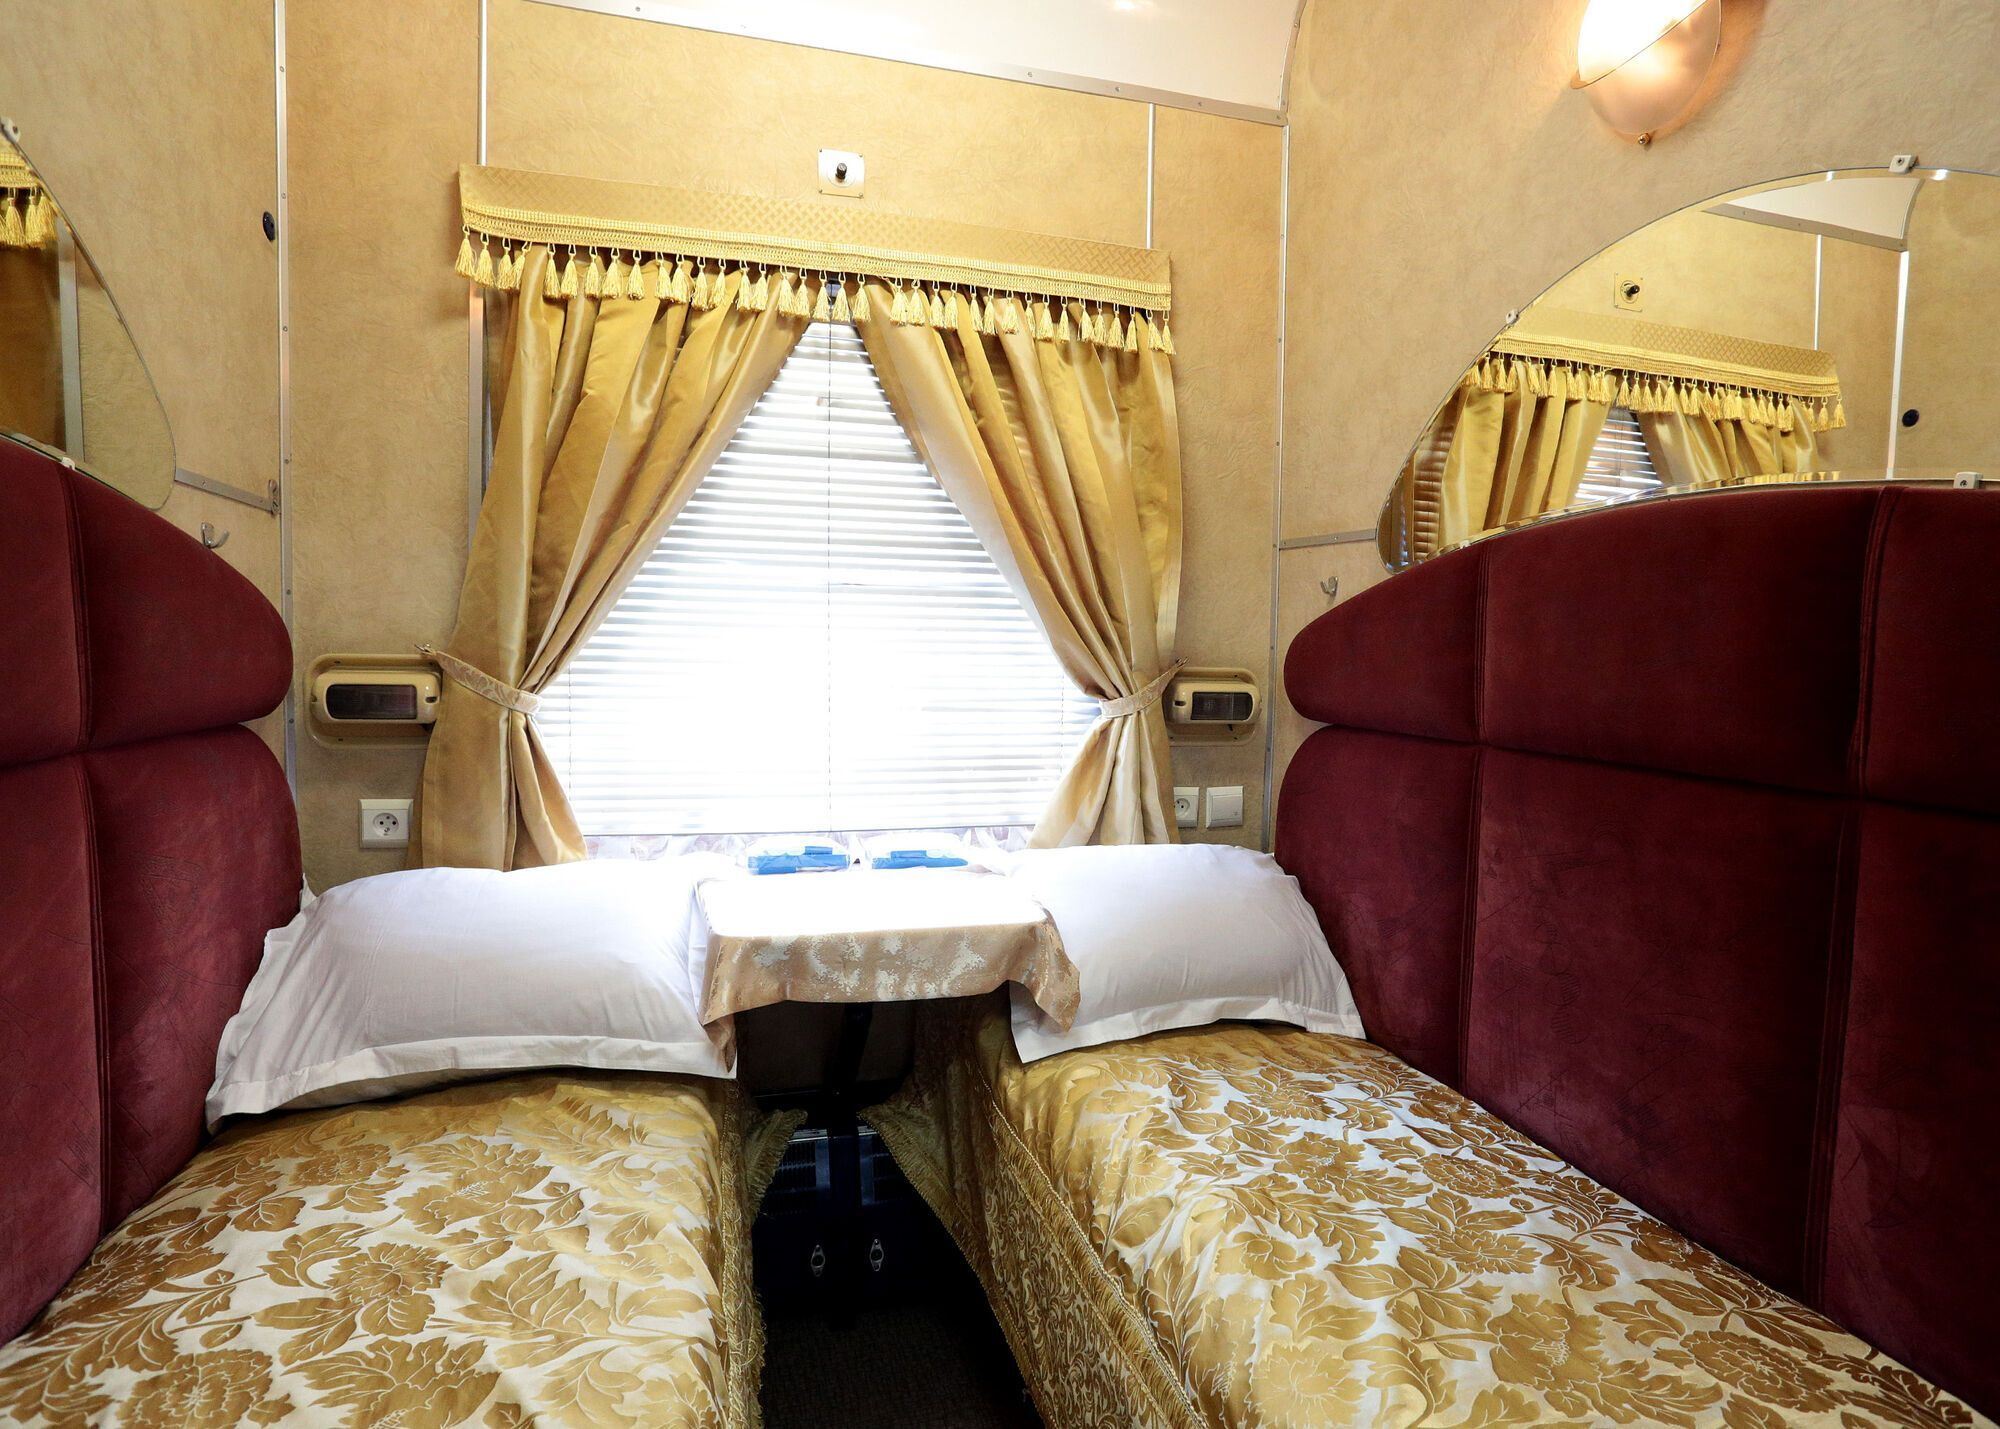 """З душем, плазмою і великими ліжками: як виглядають елітні вагони """"Укрзалізниці"""". Фото"""